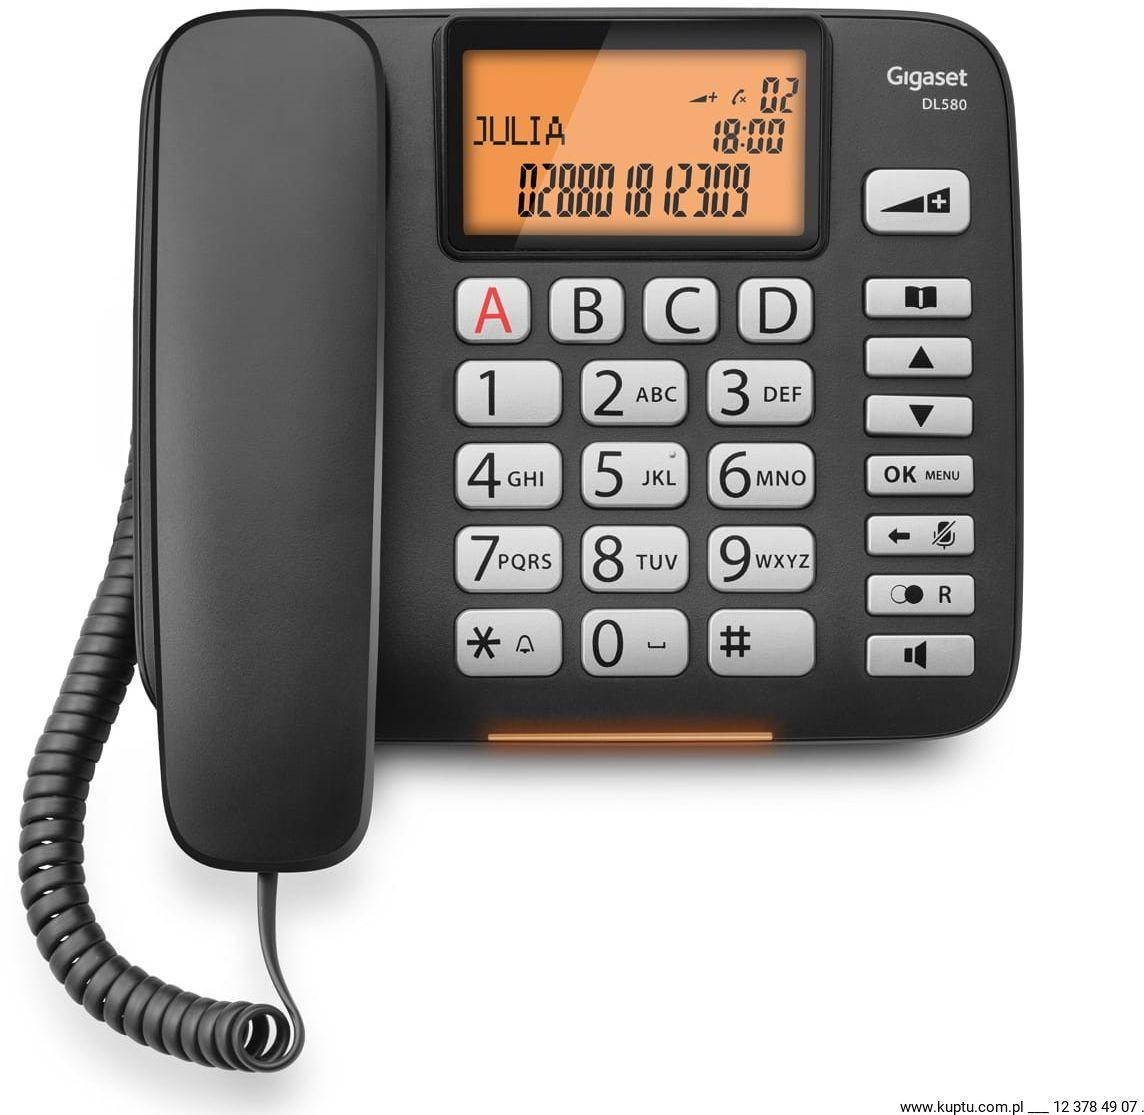 Gigaset DL580, telefon sznurowy